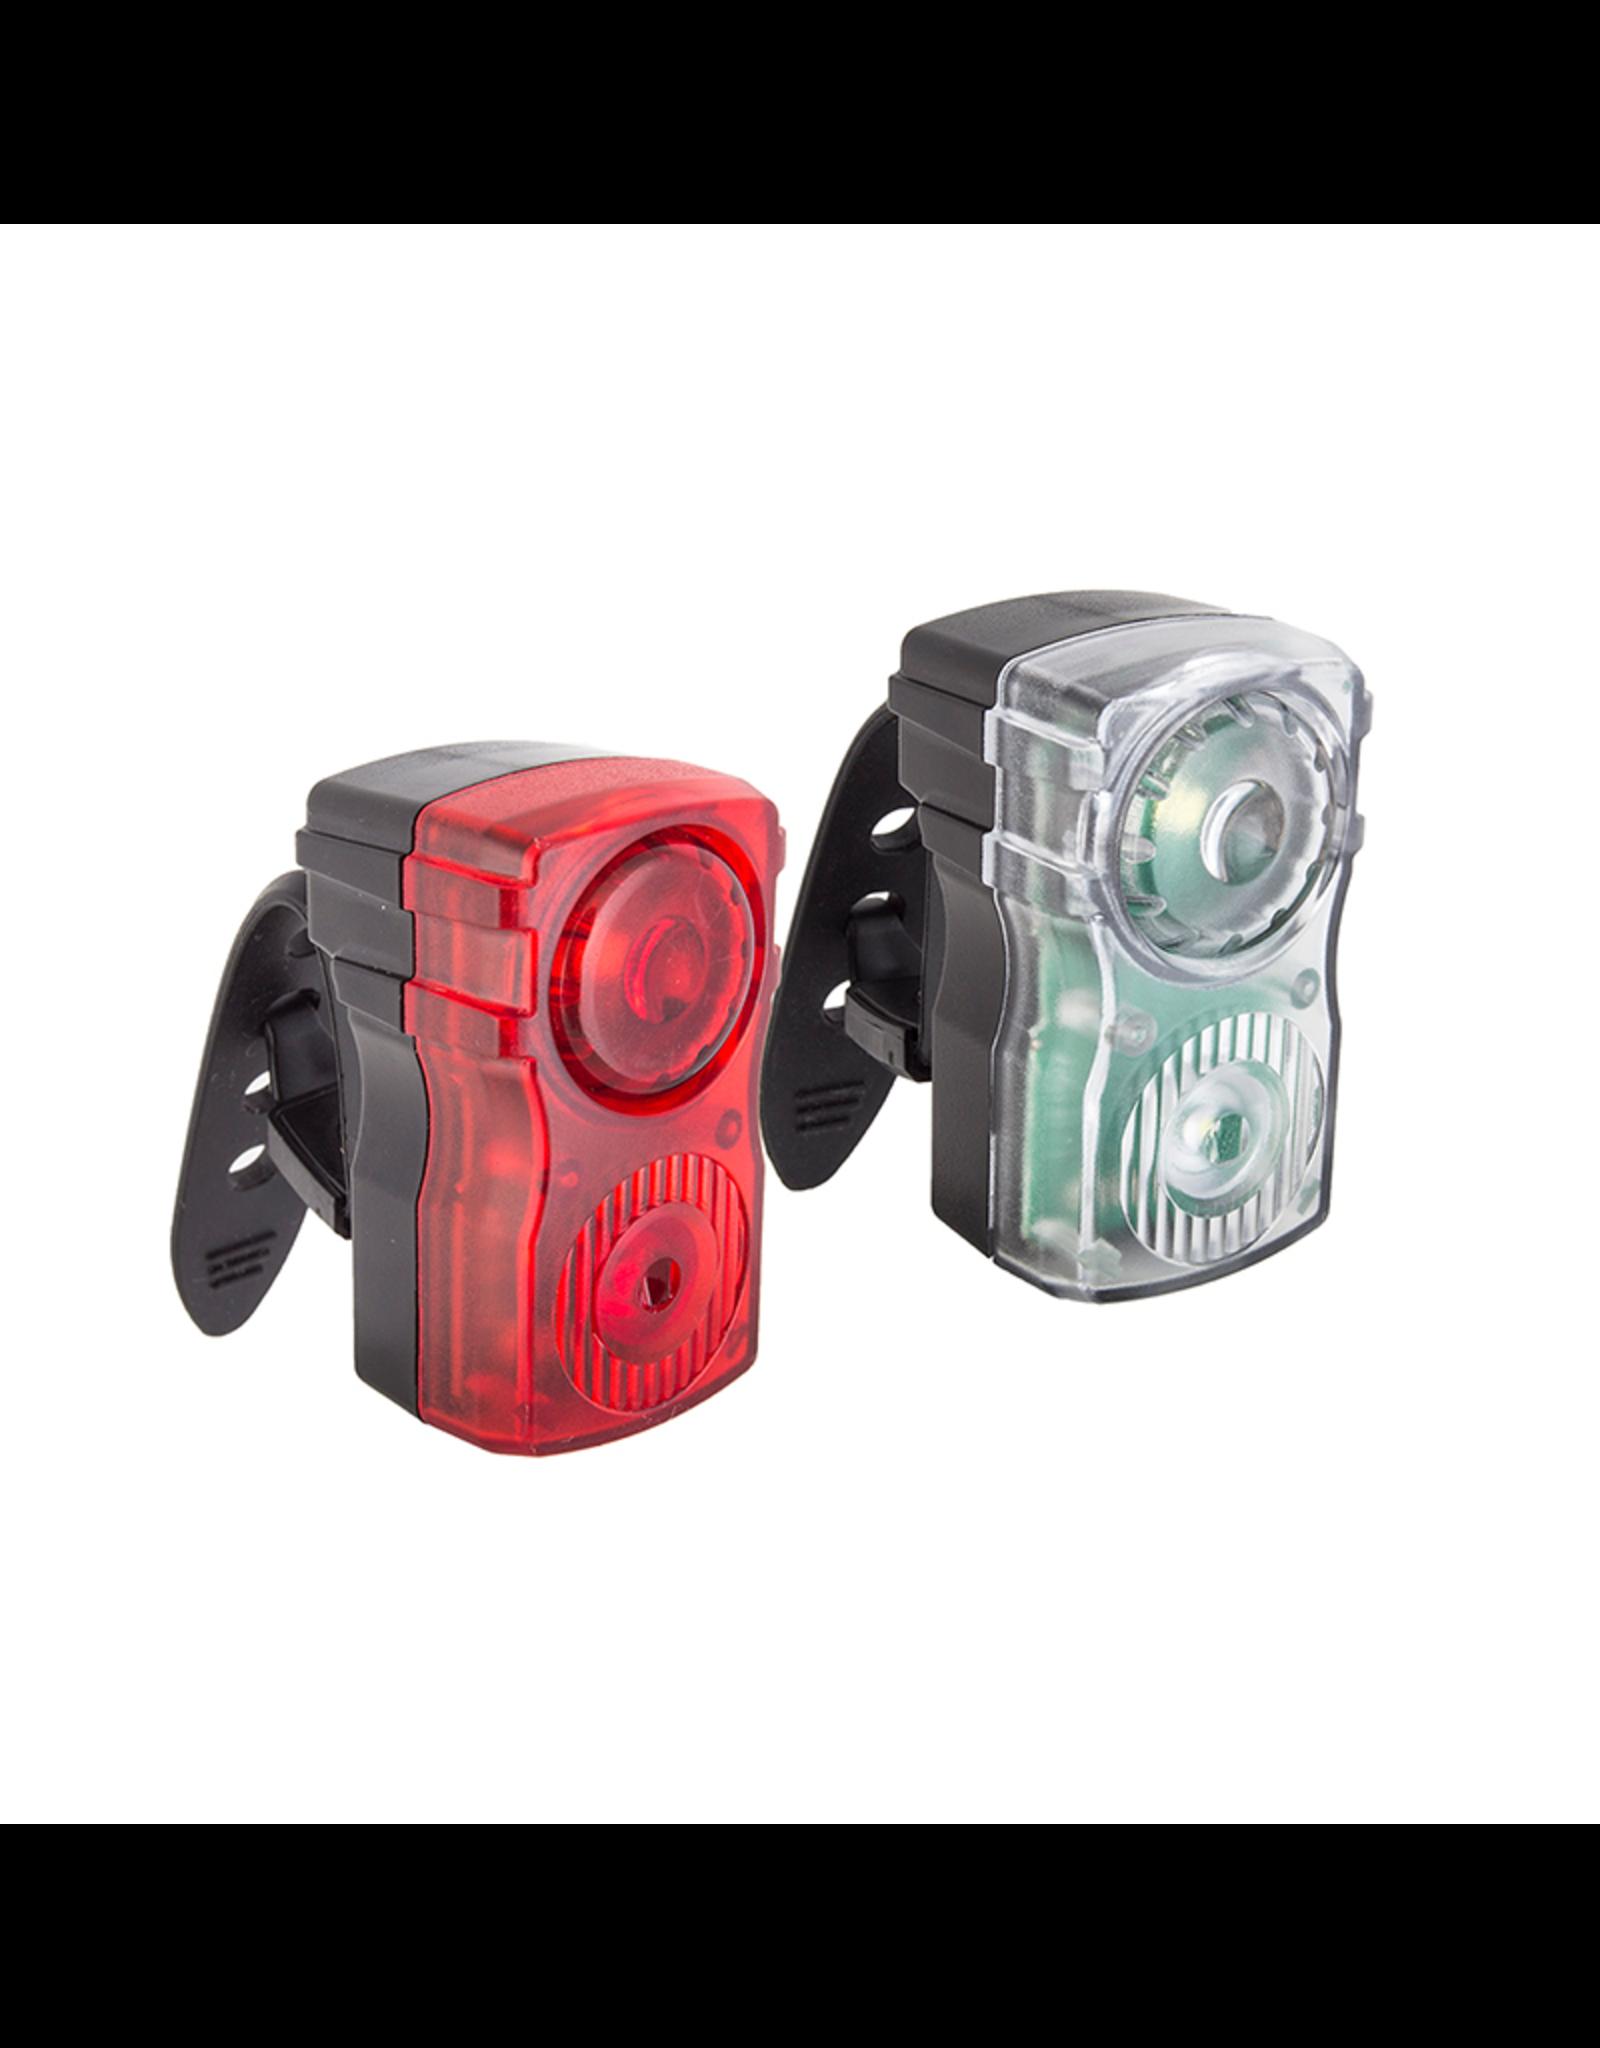 Sunlite SunLite Jammer USB Combo Headlight and Tail Light